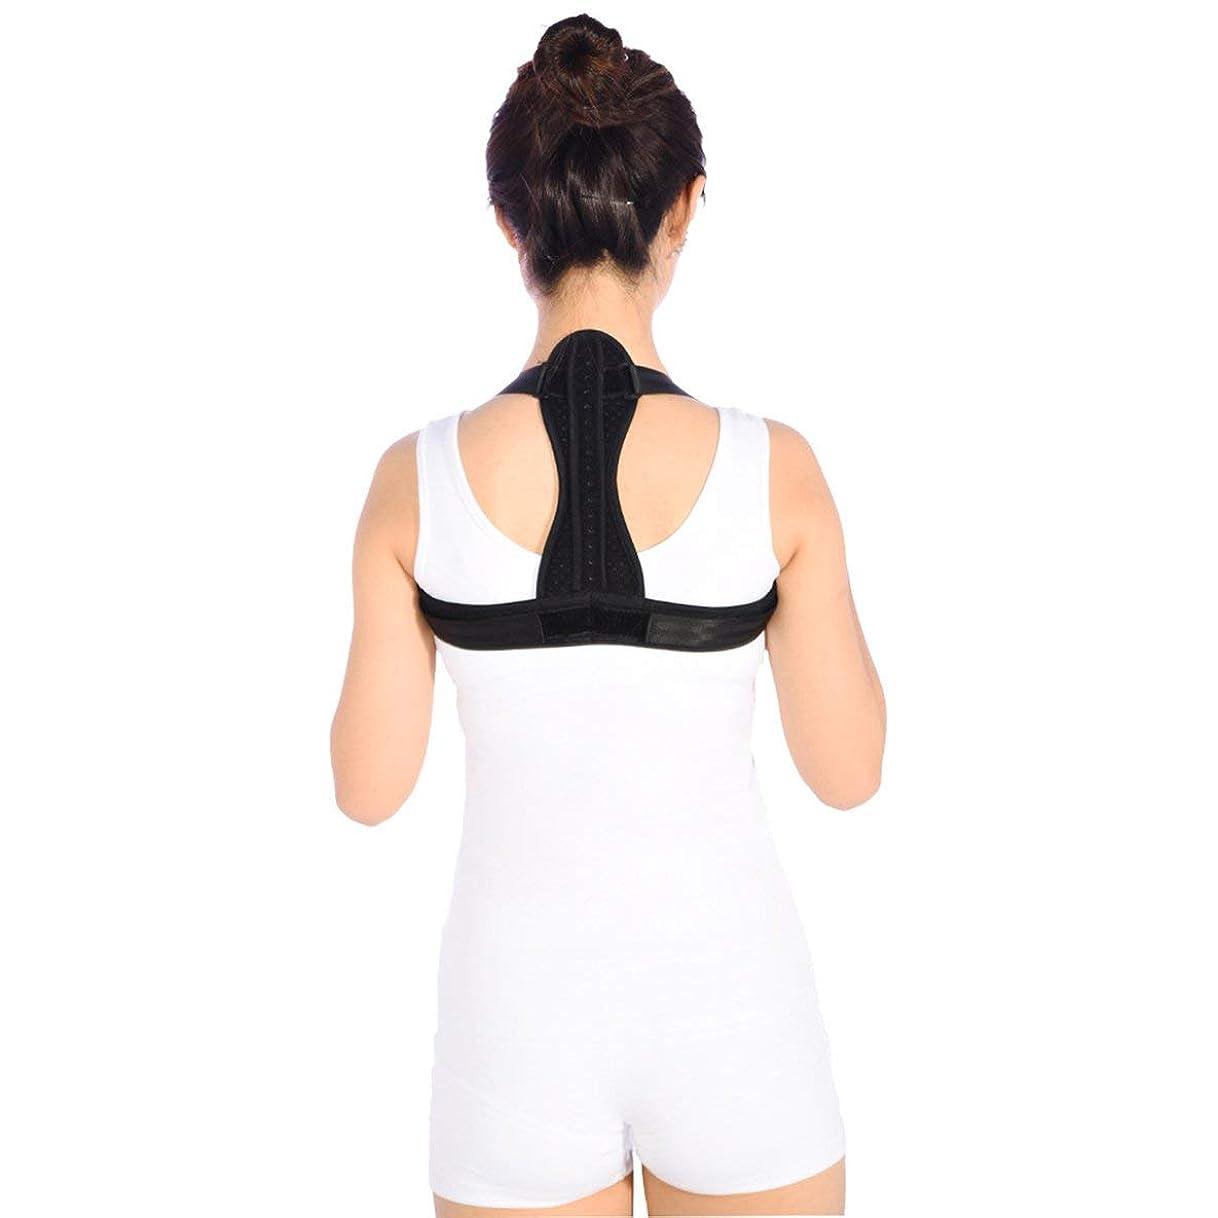 経験的有害解明する通気性の脊柱側弯症ザトウクジラ補正ベルト調節可能な快適さ目に見えないベルト男性女性大人学生子供 - 黒